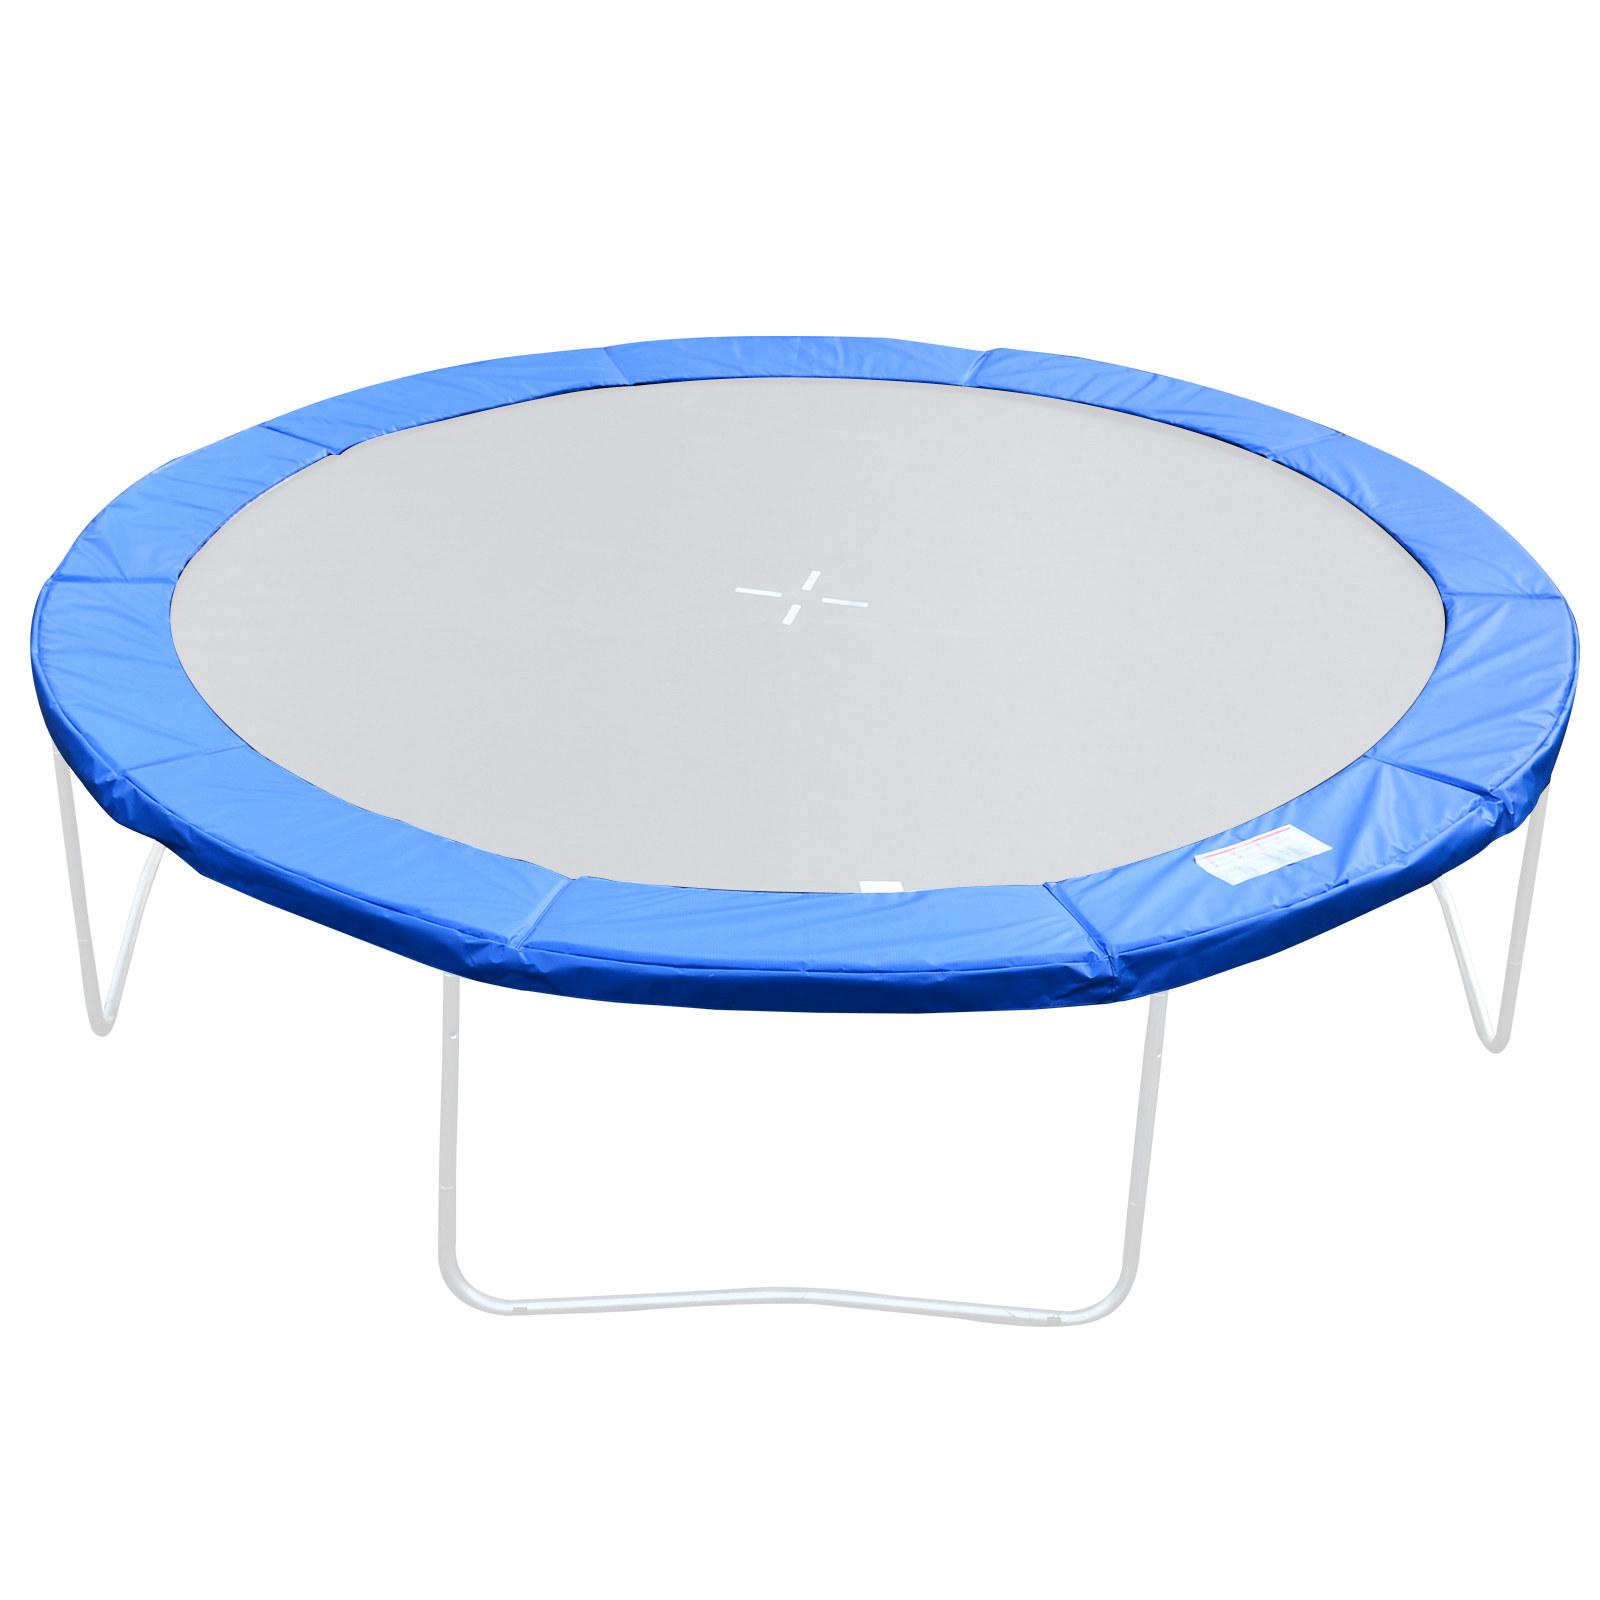 Cubierta-Protectora-para-Borde-de-Cama-Elastica-Trampolin-3-Medidas-Opcionales miniatura 24